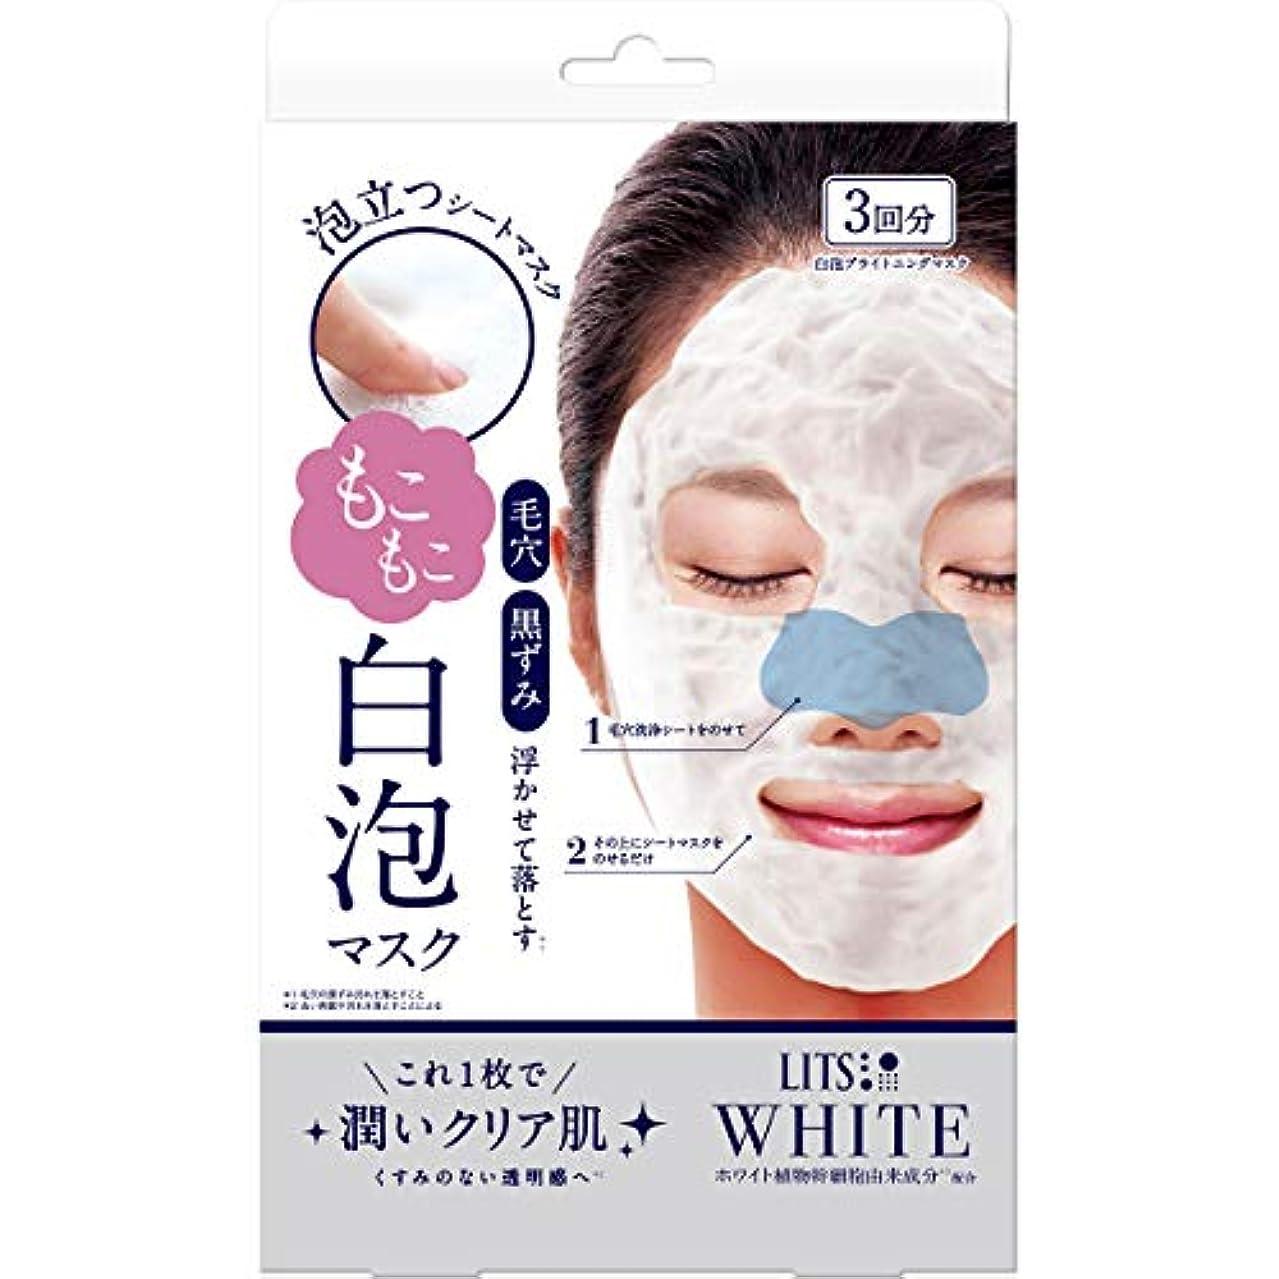 アダルト上に築きますジャンクションリッツ ホワイト もこもこ白泡マスク 3枚